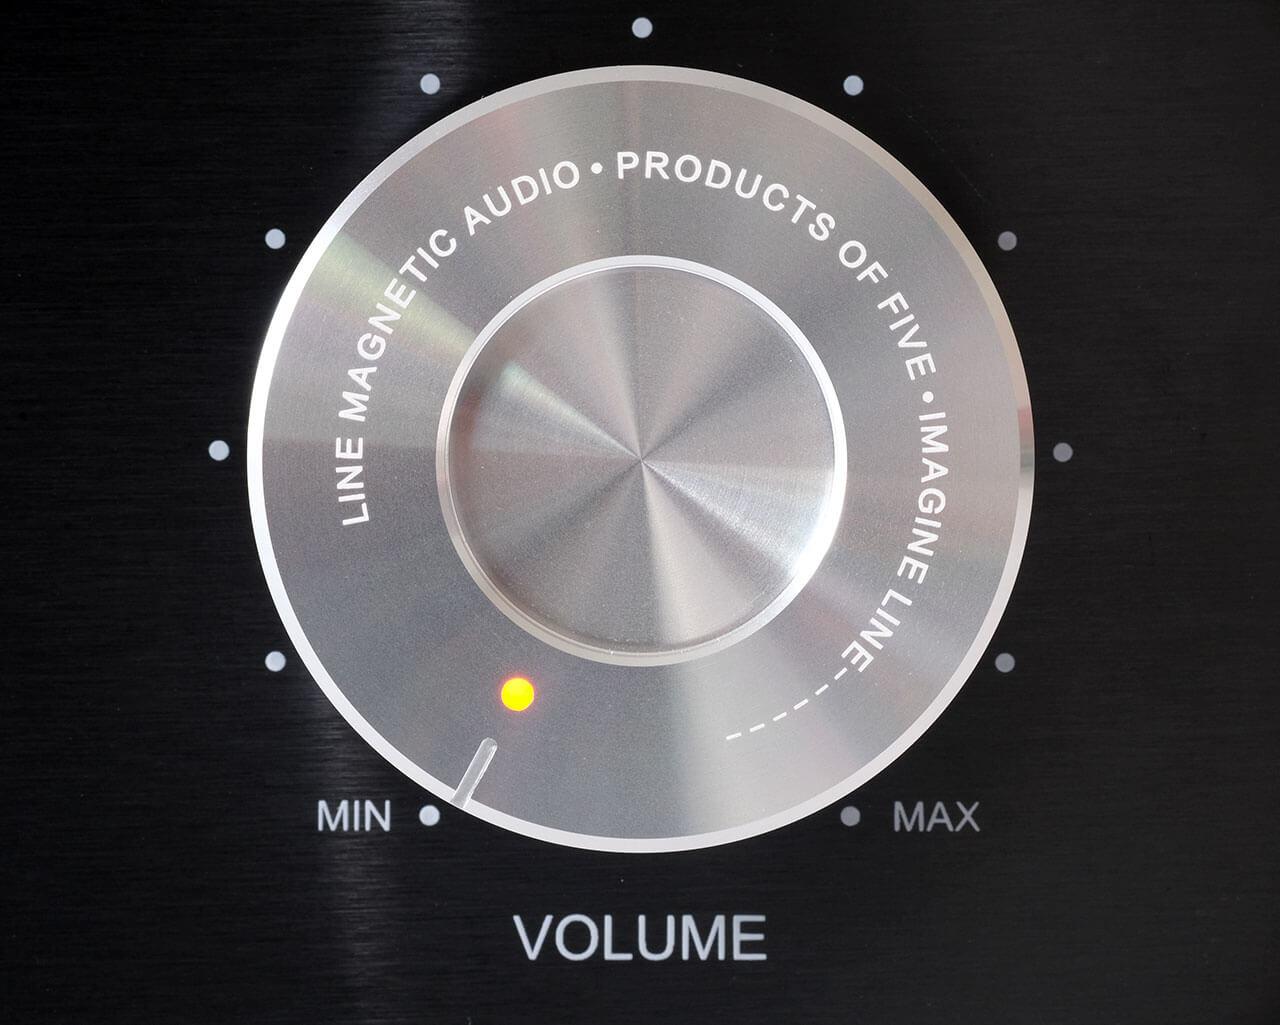 Volumeregler des Line Magnetic LM-150IA